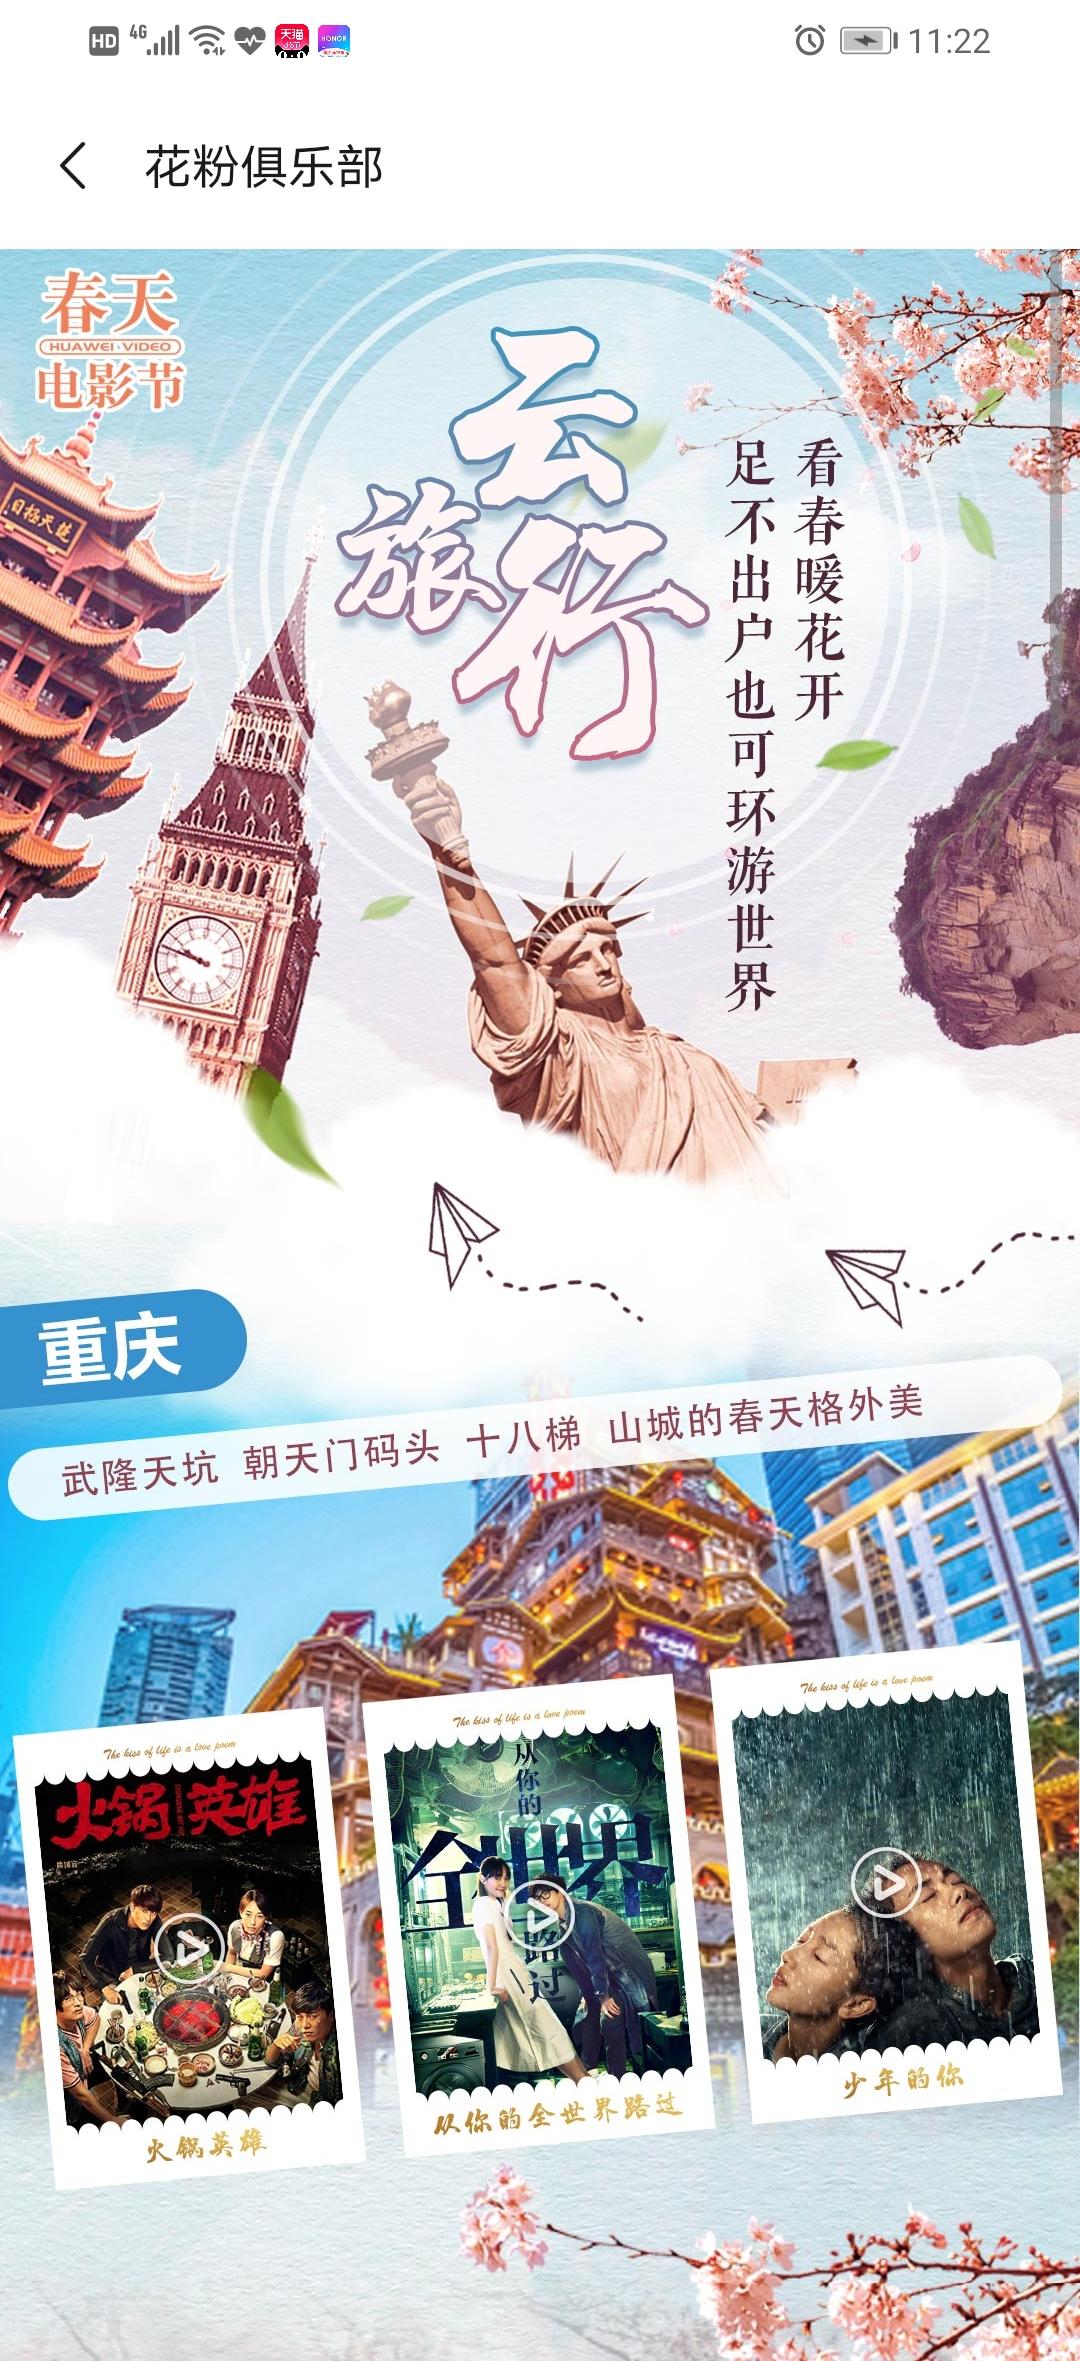 Screenshot_20200318_112239_com.huawei.fans.jpg